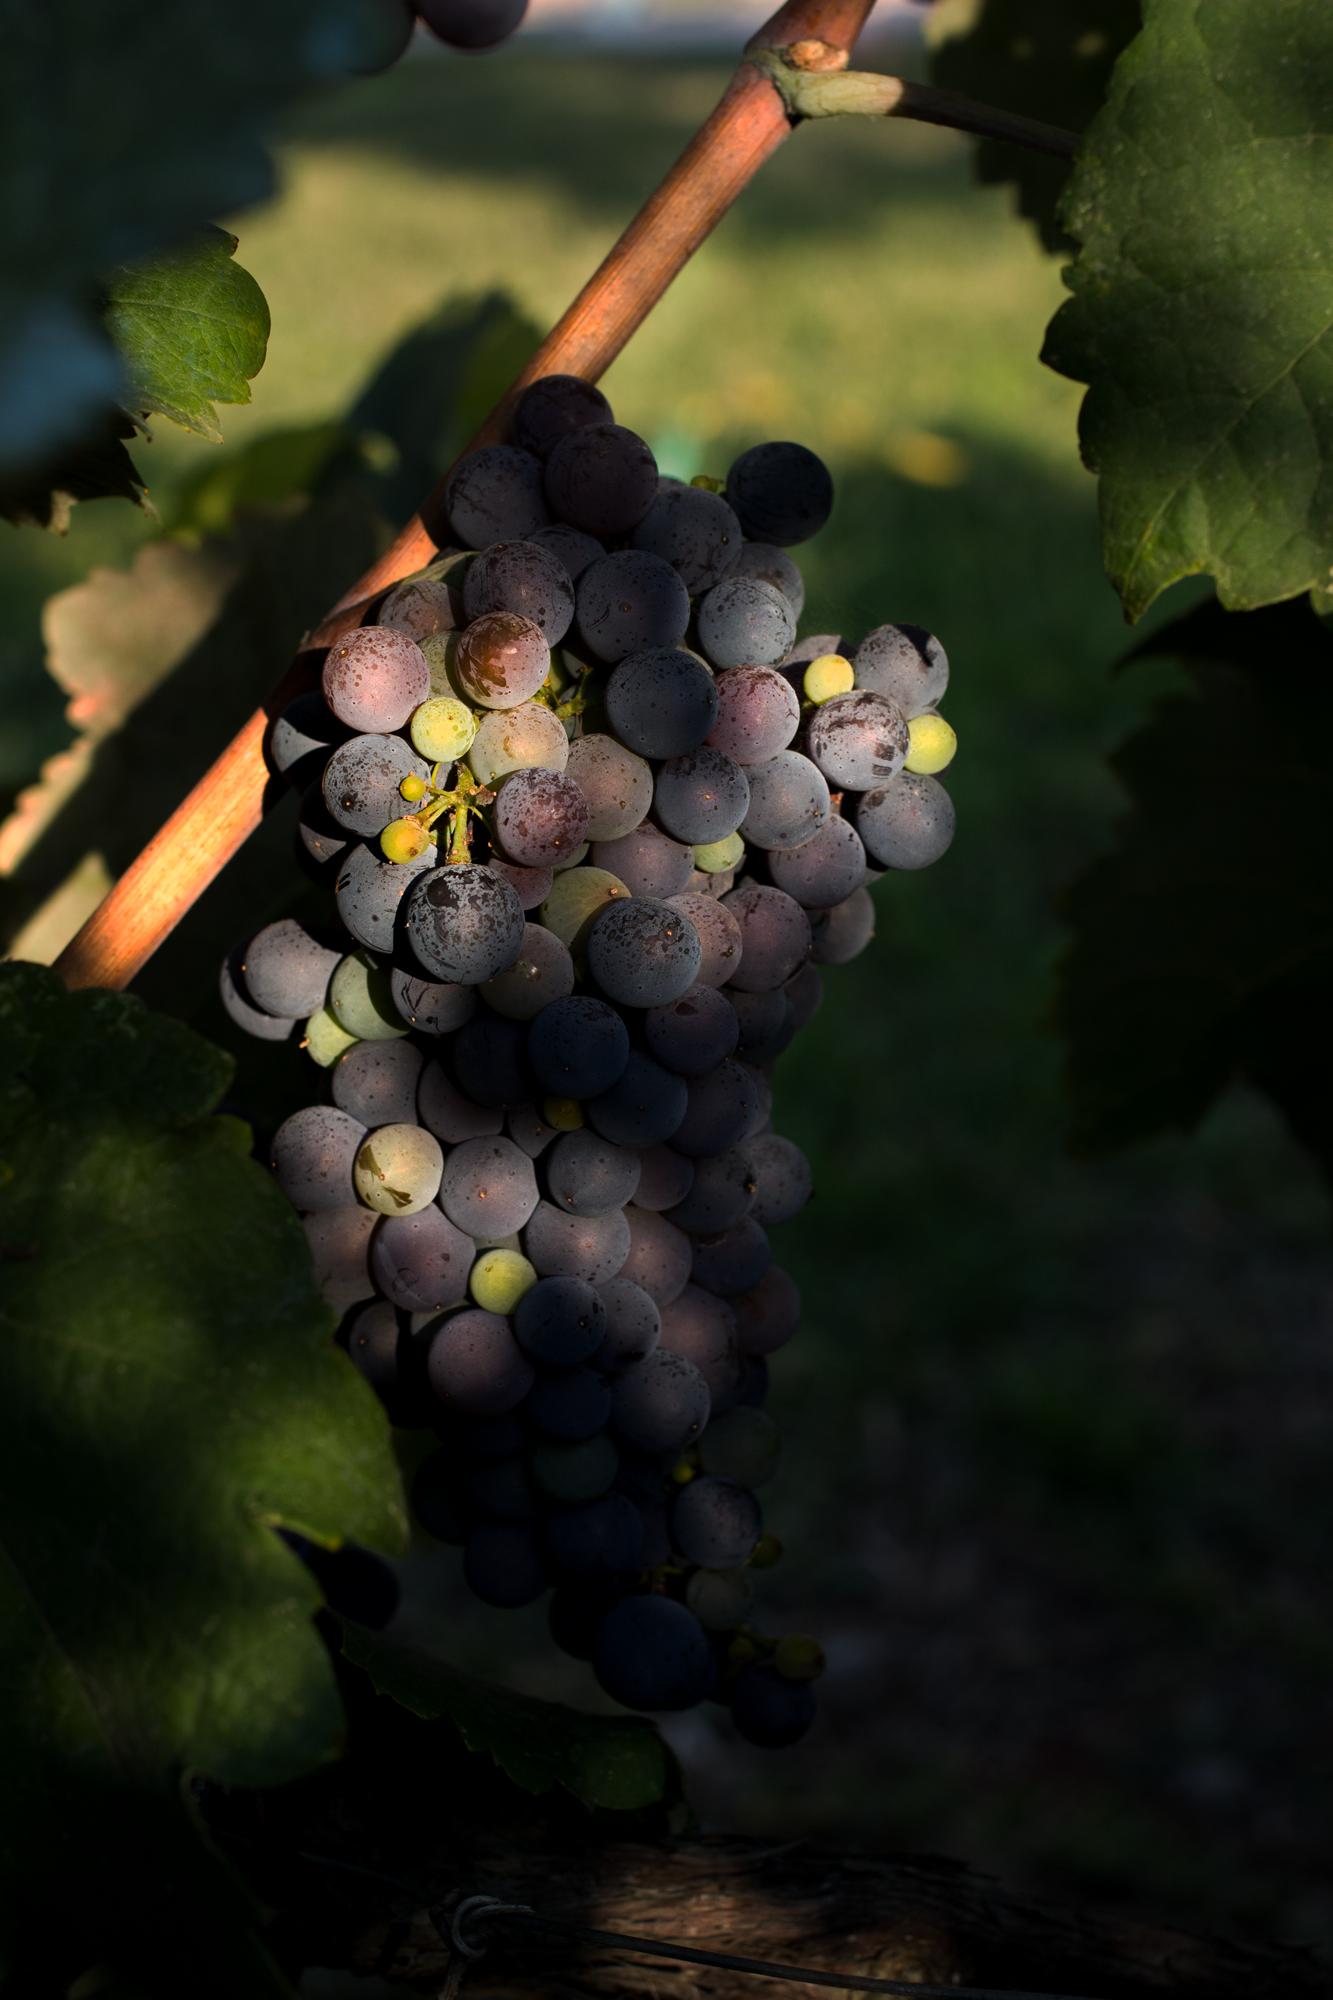 Corfu-Grapes.png